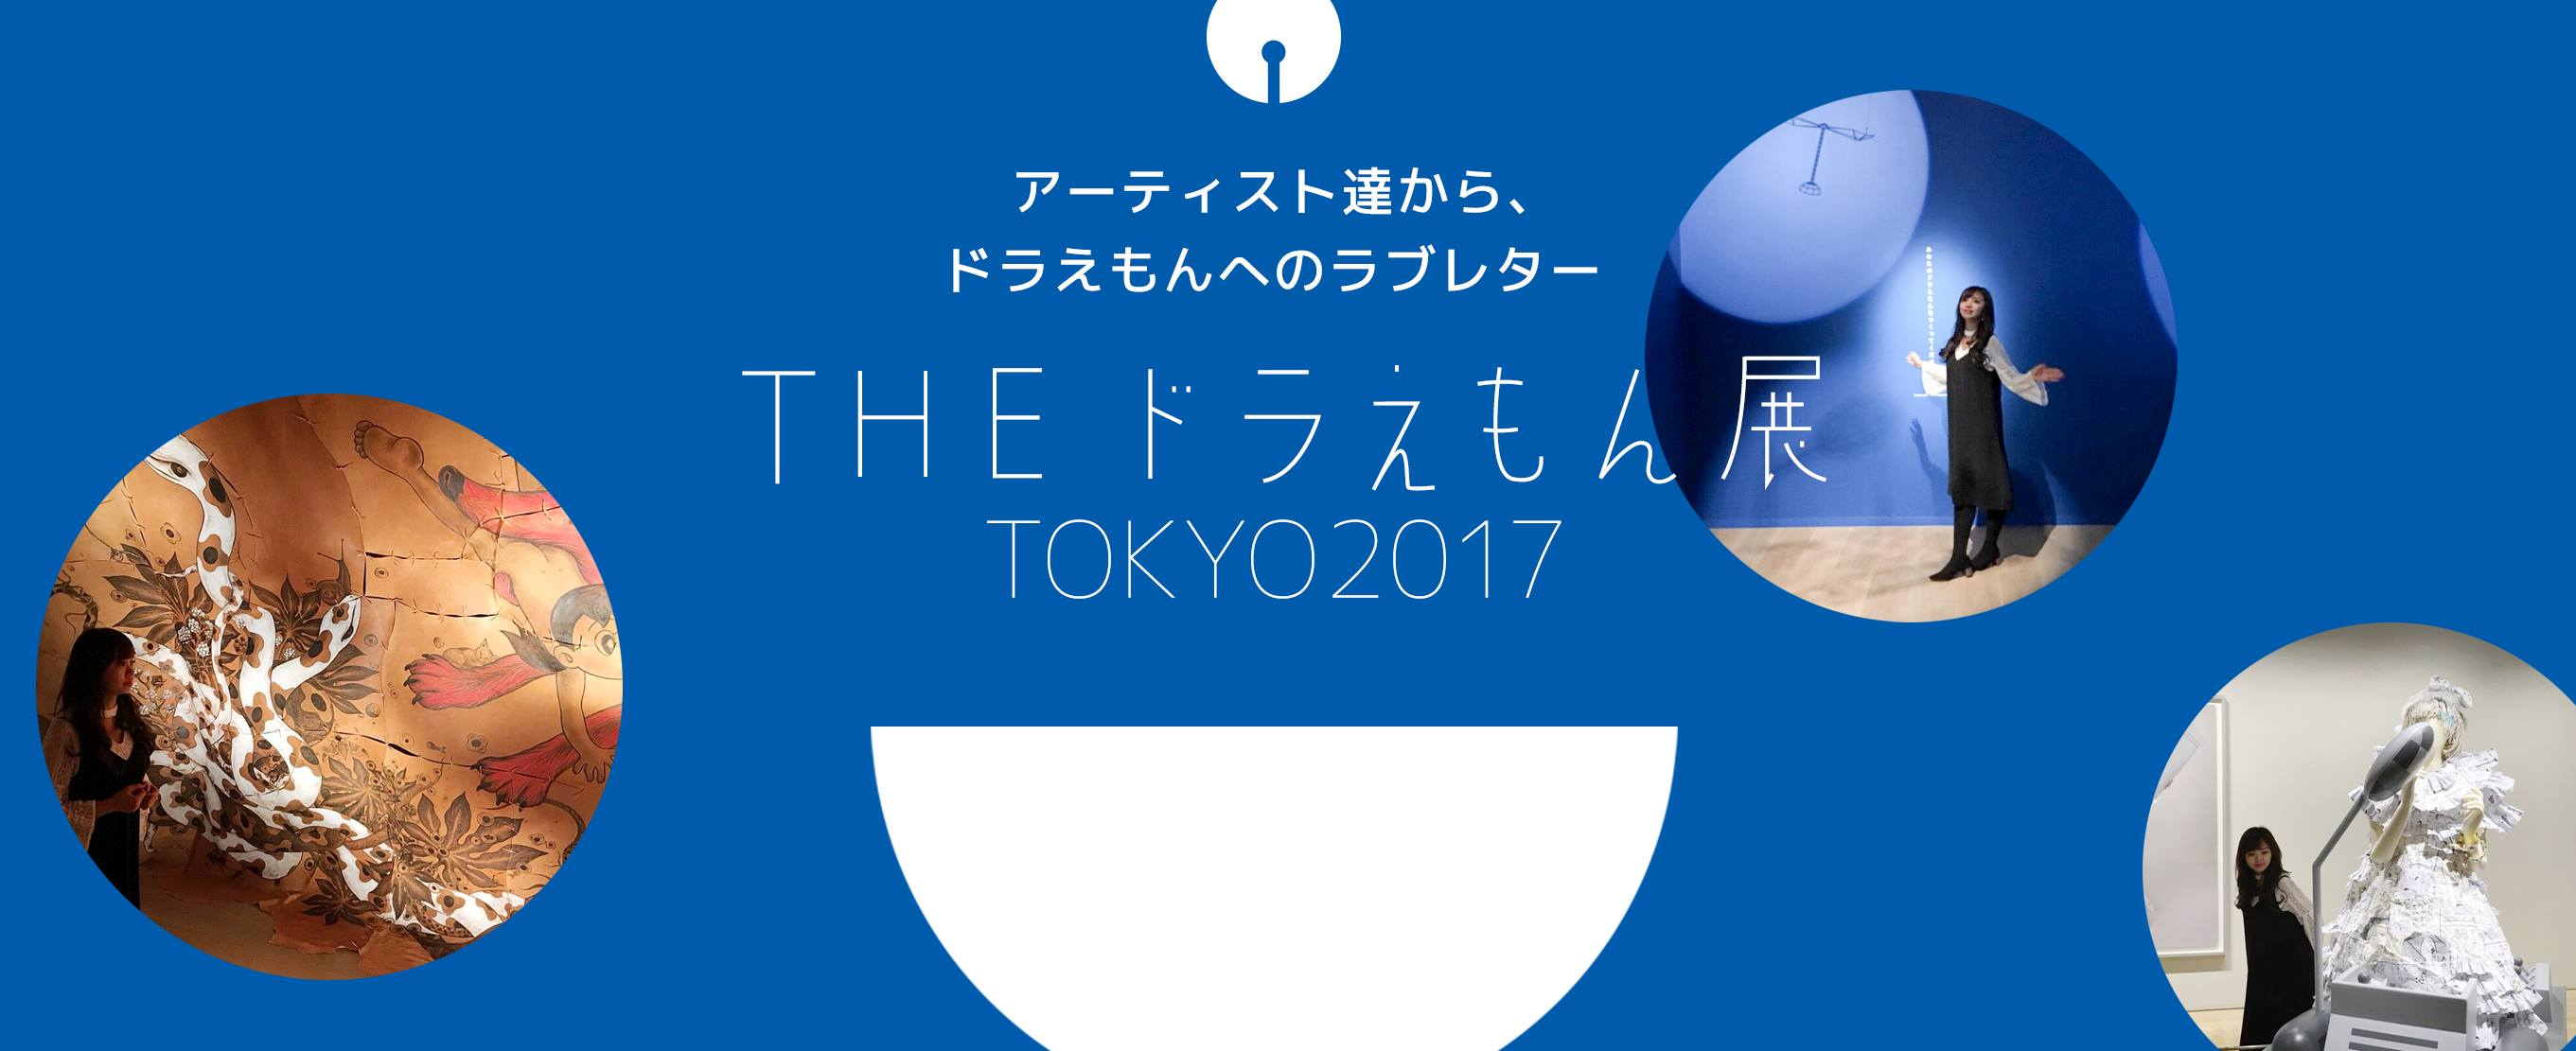 アーティスト達から、ドラえもんへのラブレター「THE ドラえもん展 TOKYO 2017」